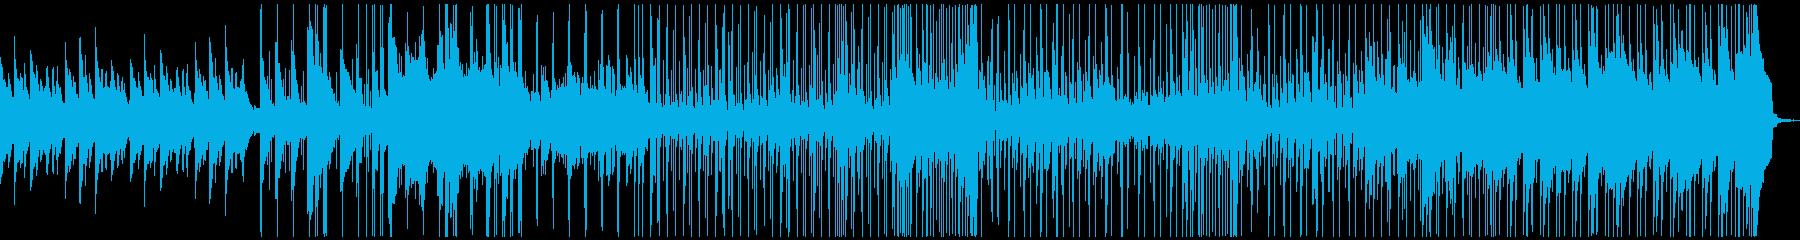 だんだんと勇気がわくピアノの爽快なBGMの再生済みの波形